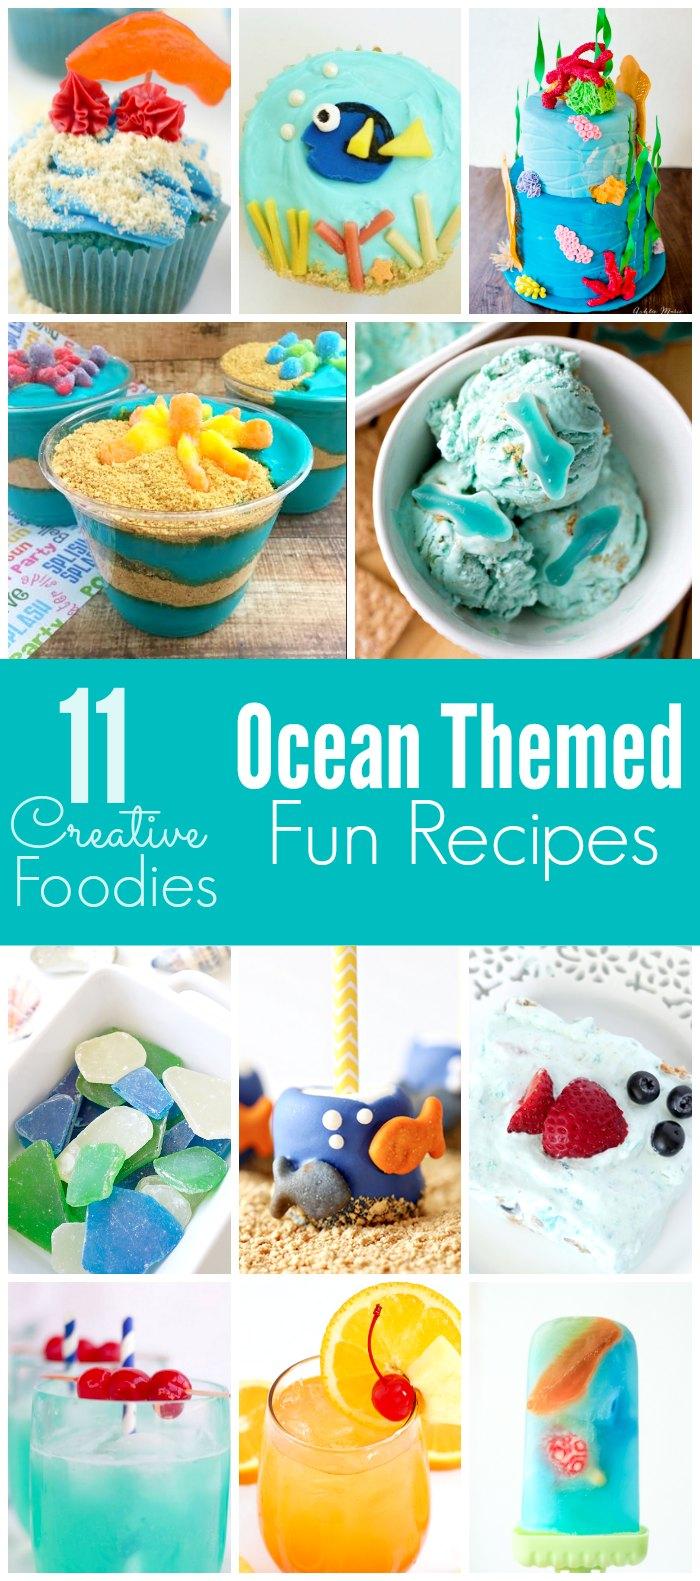 11 adorable Ocean Themed Recipes